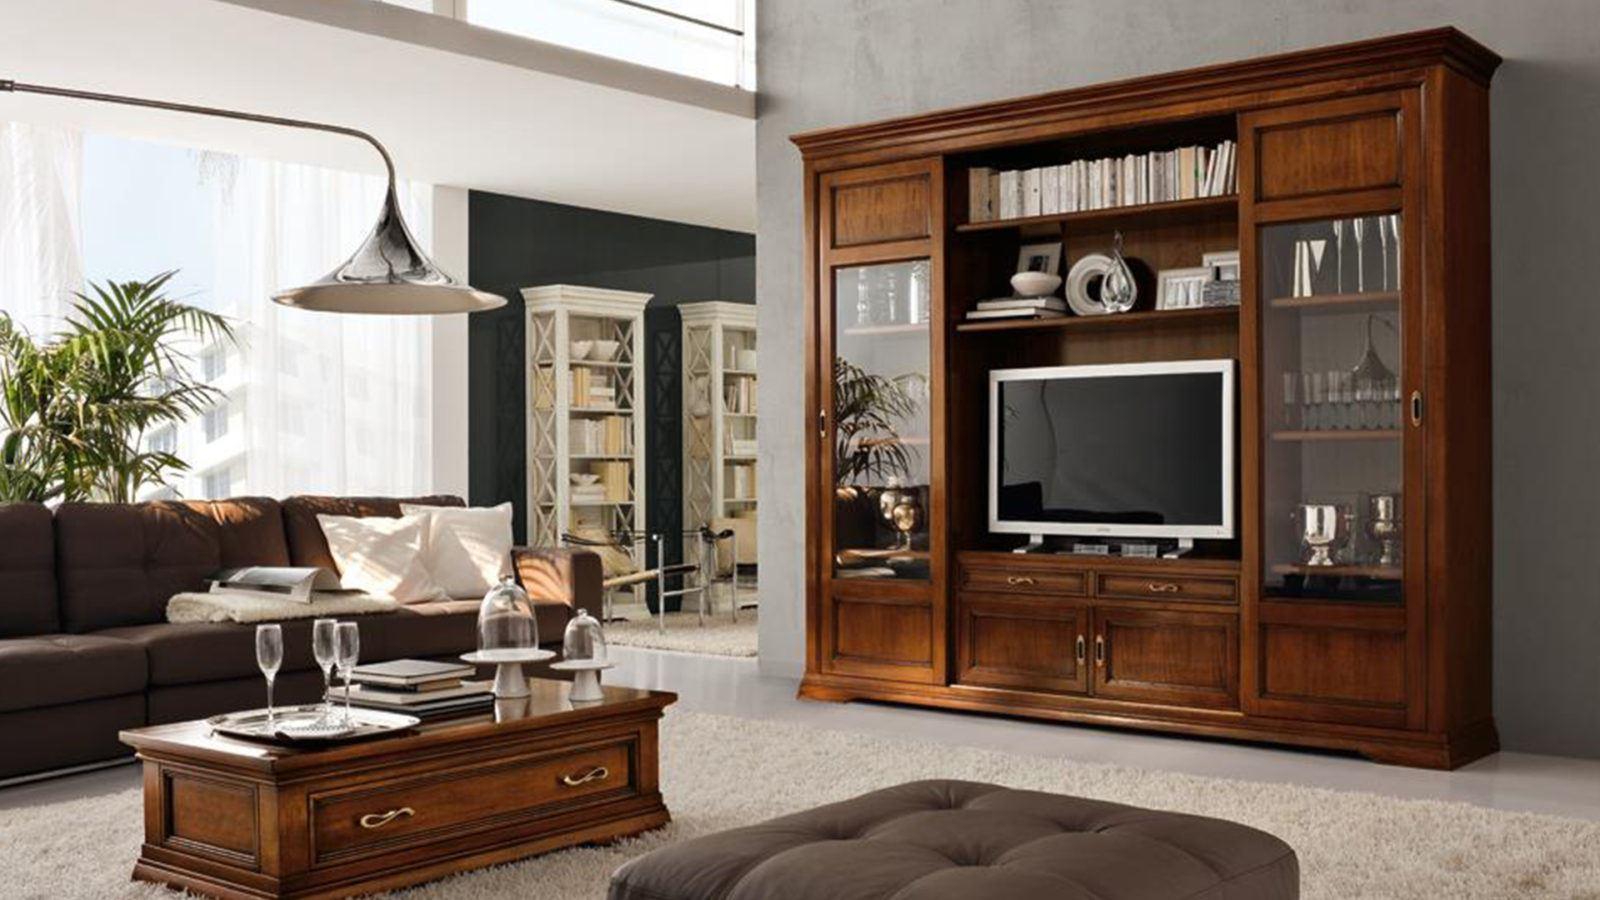 125 armadio da soggiorno armadio divisorio soggiorno for Mobili per soggiorno